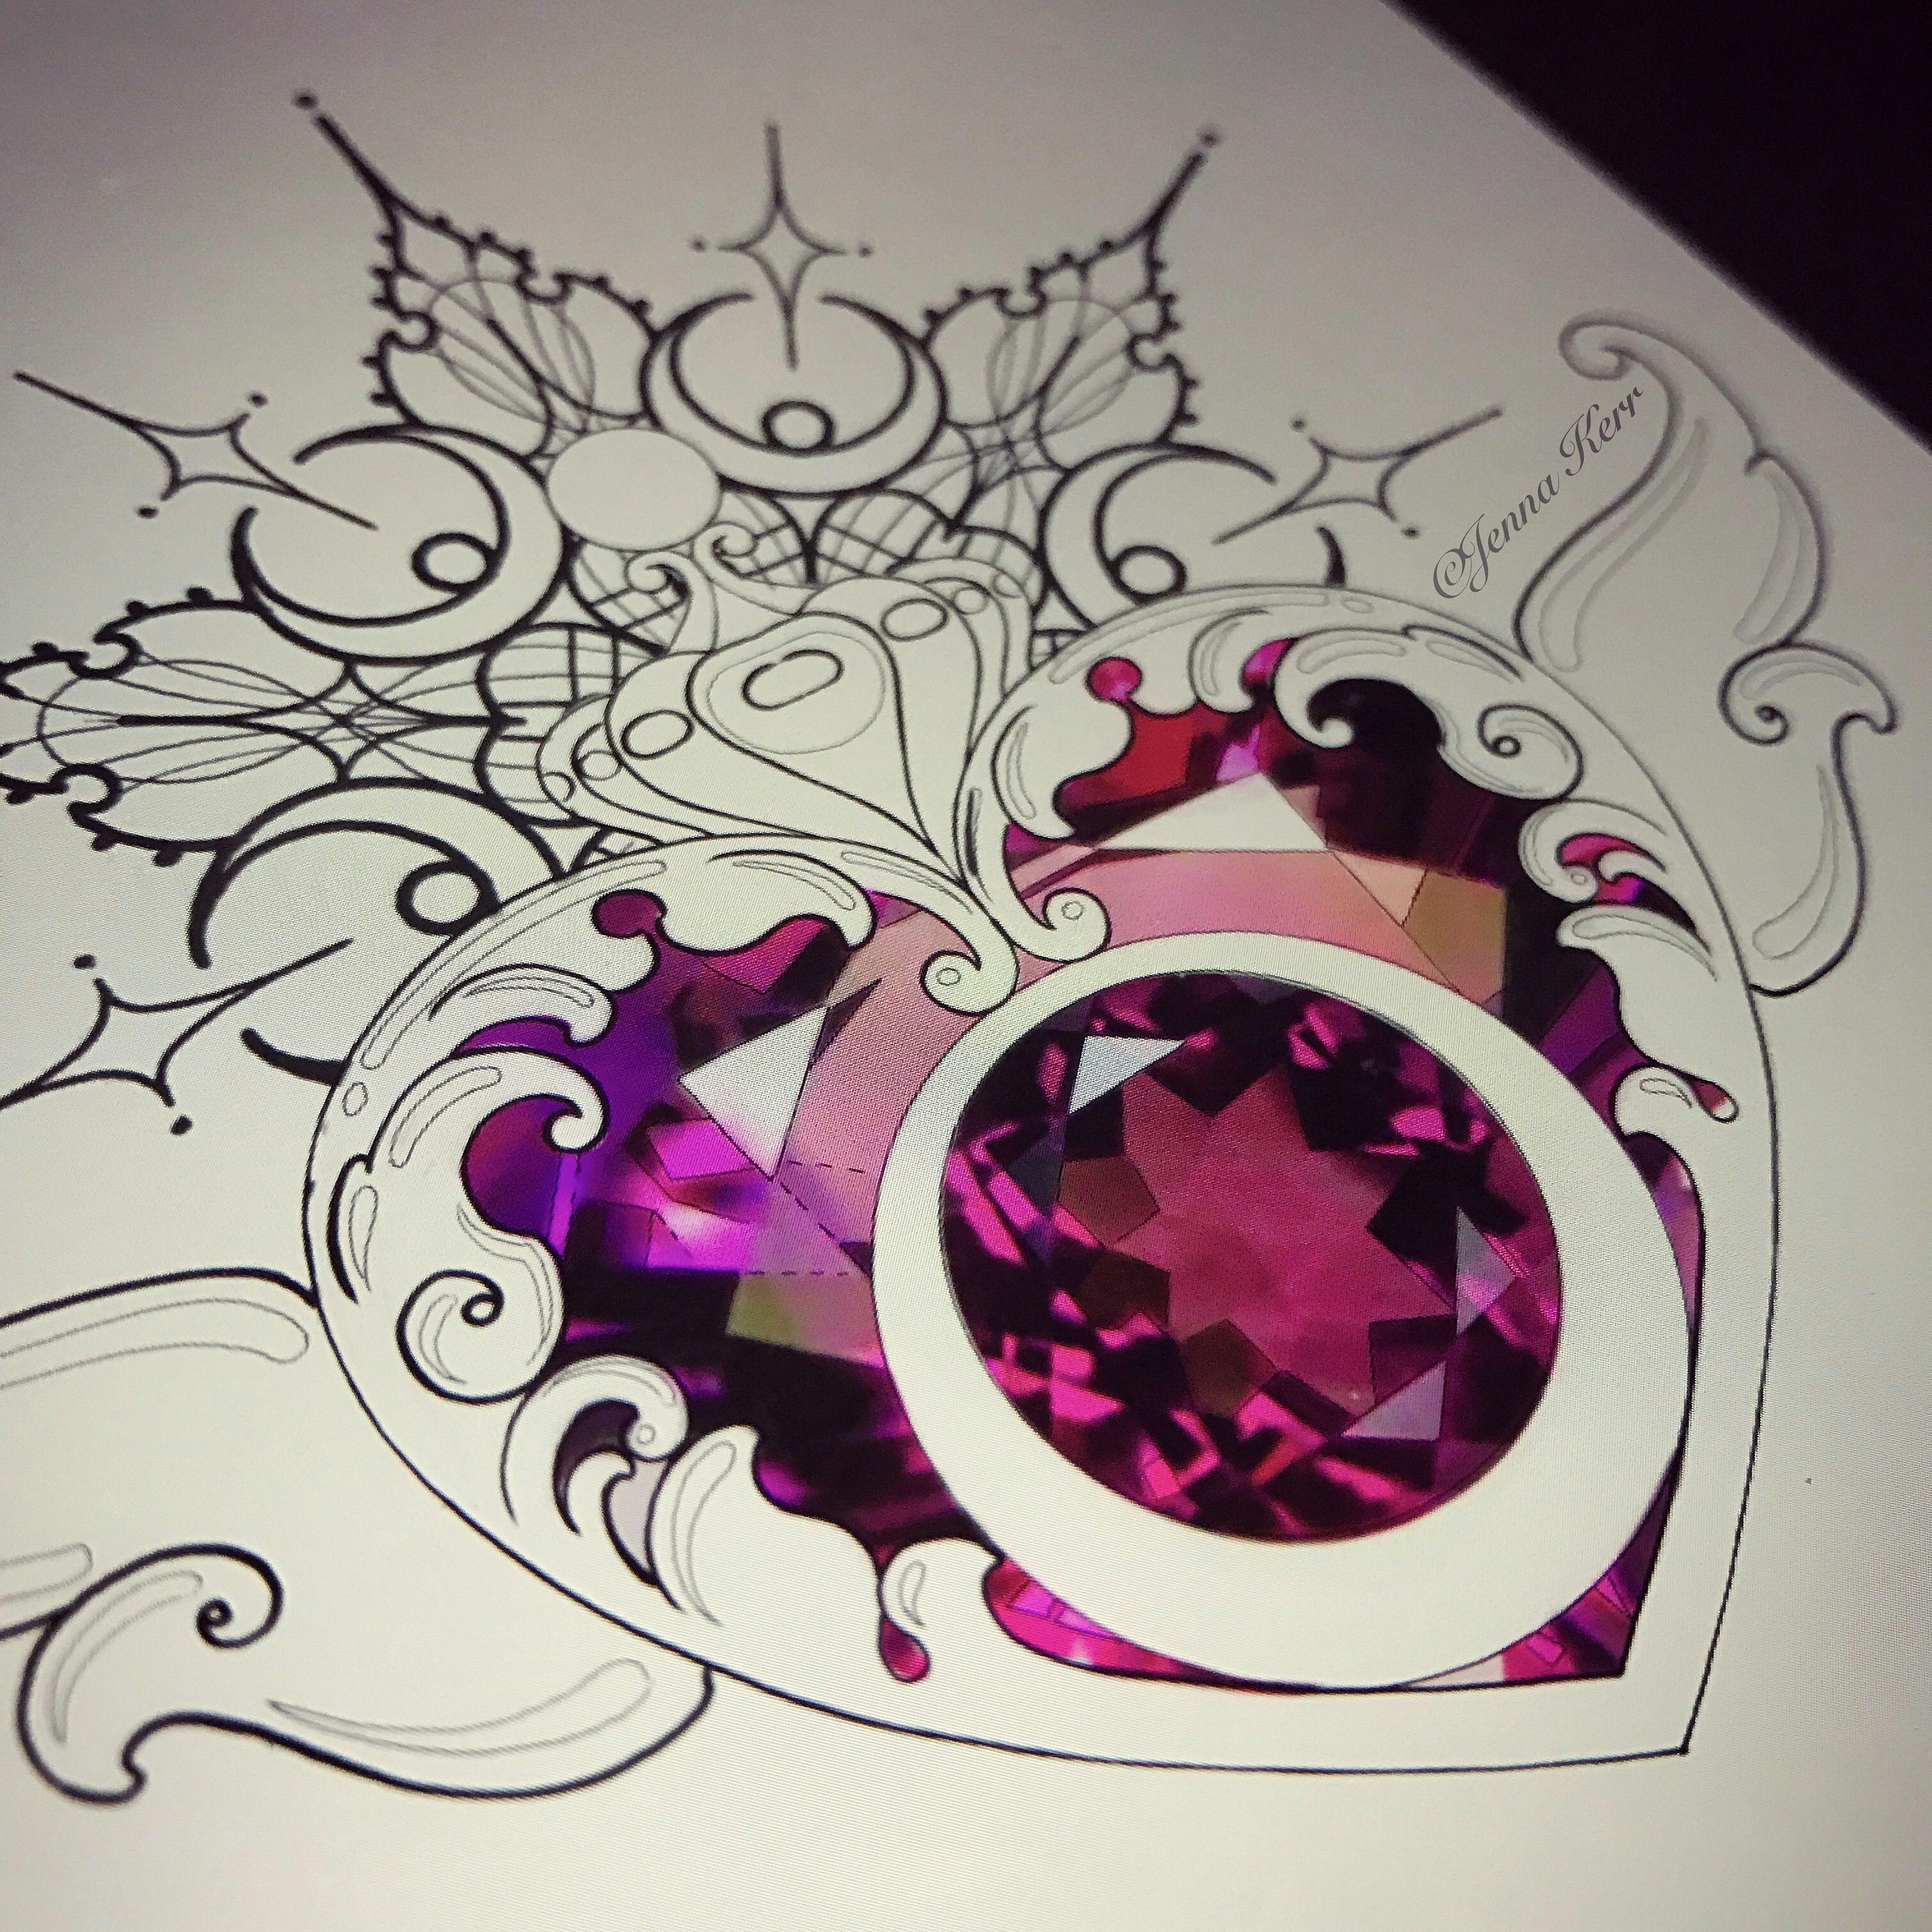 sailormoon tattoo design Tattoo Sailor moon art